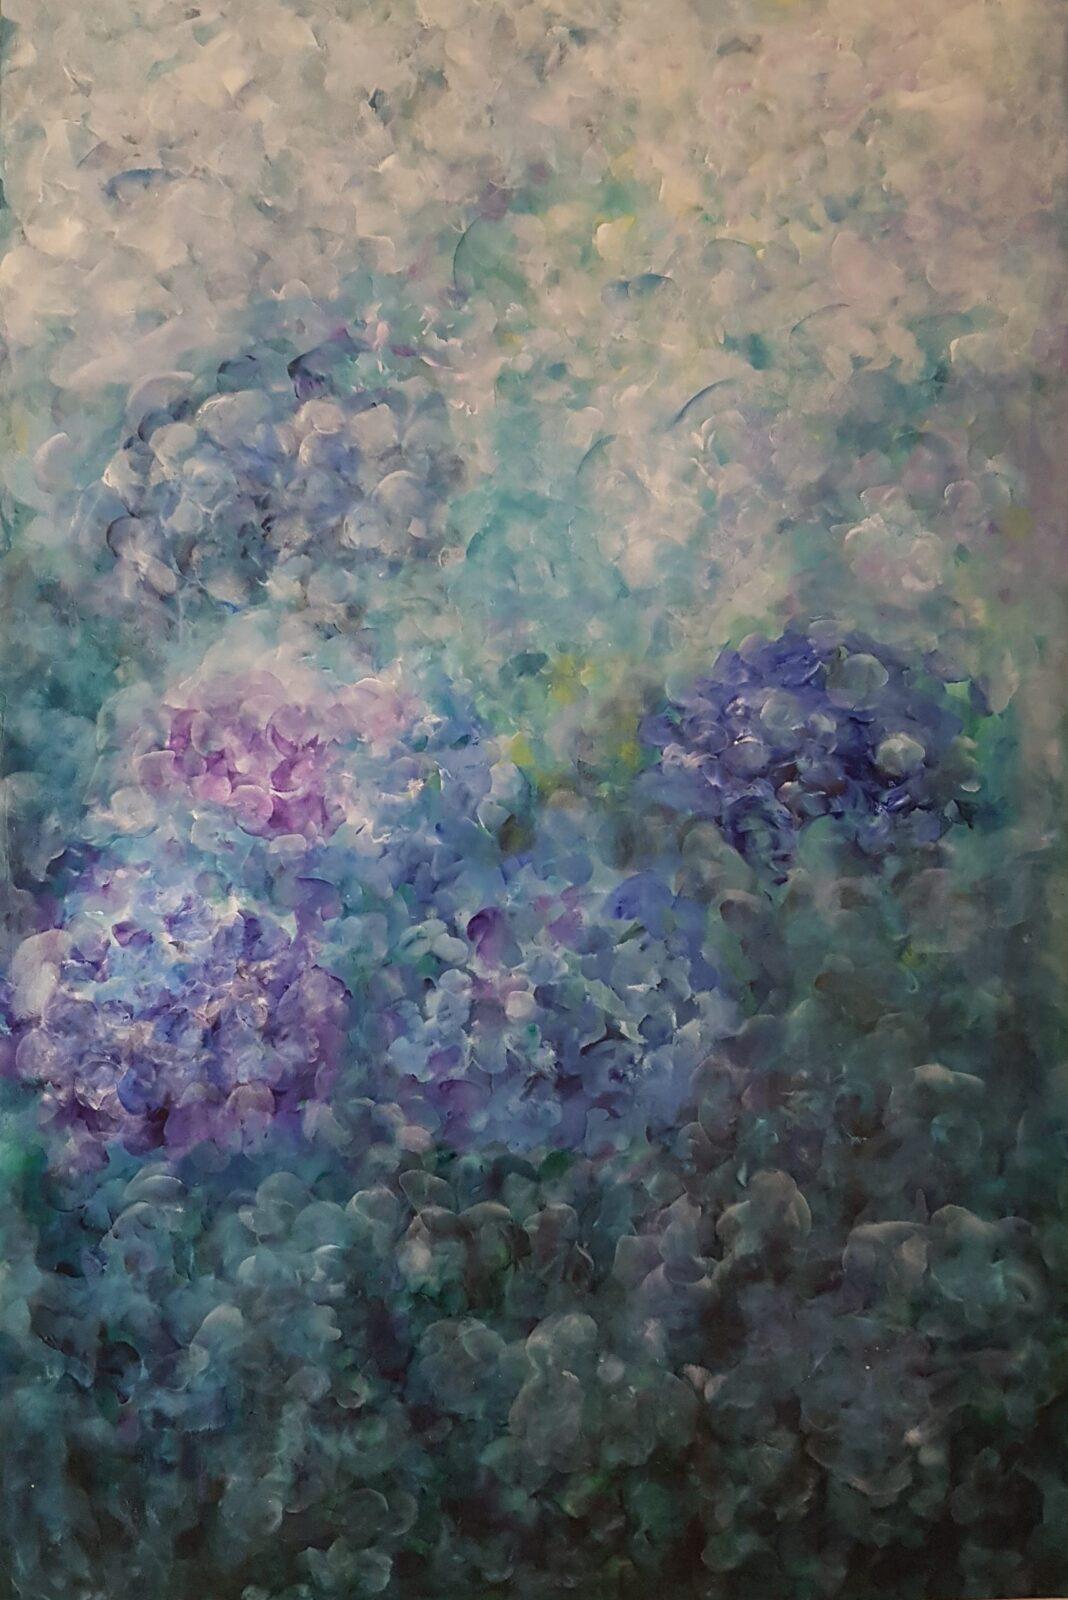 Loving blue and turquoise - Bożena Bieleniewicz